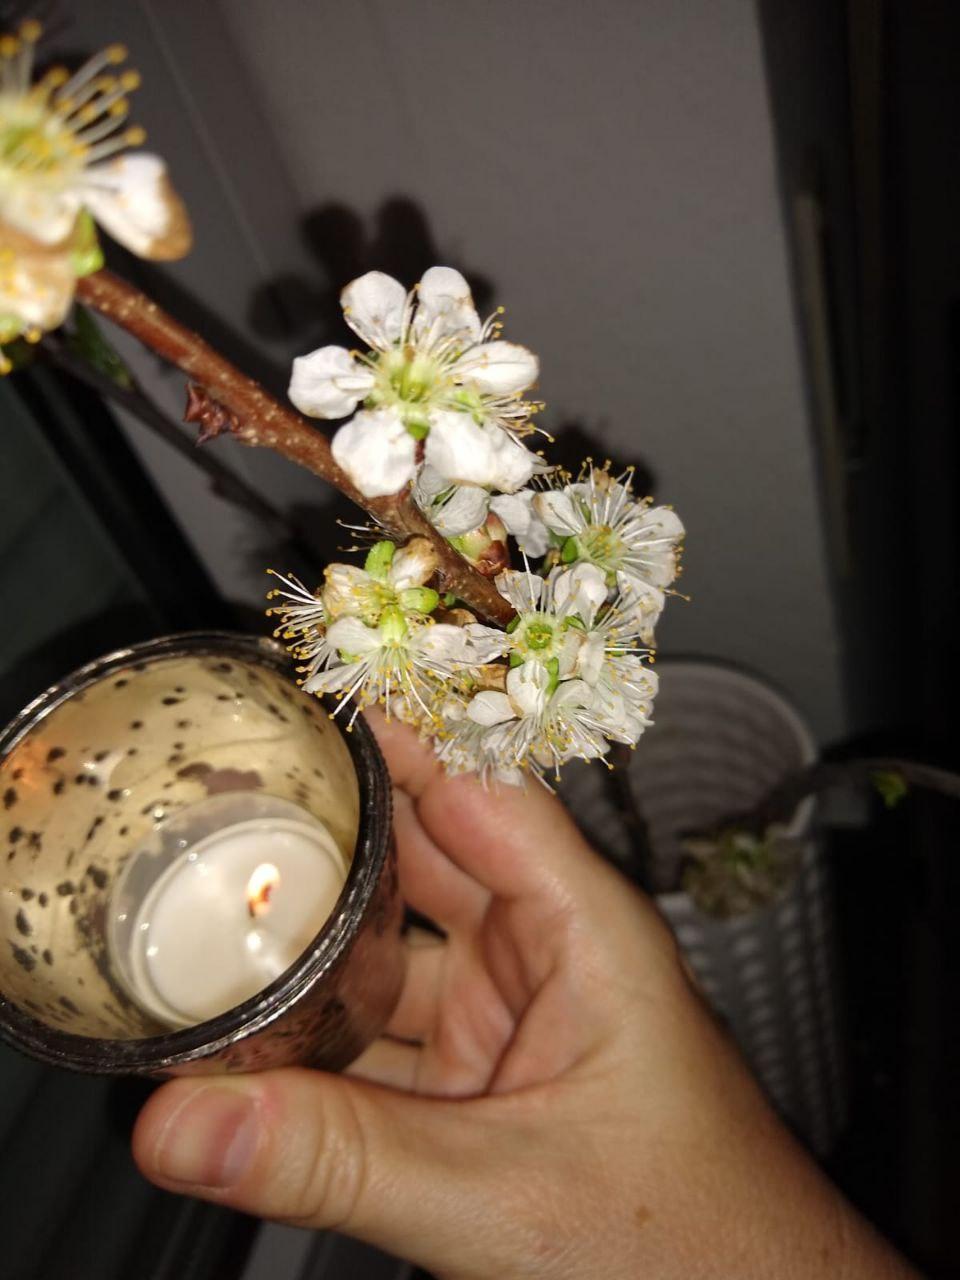 photo_2020-04-11_22-32-05